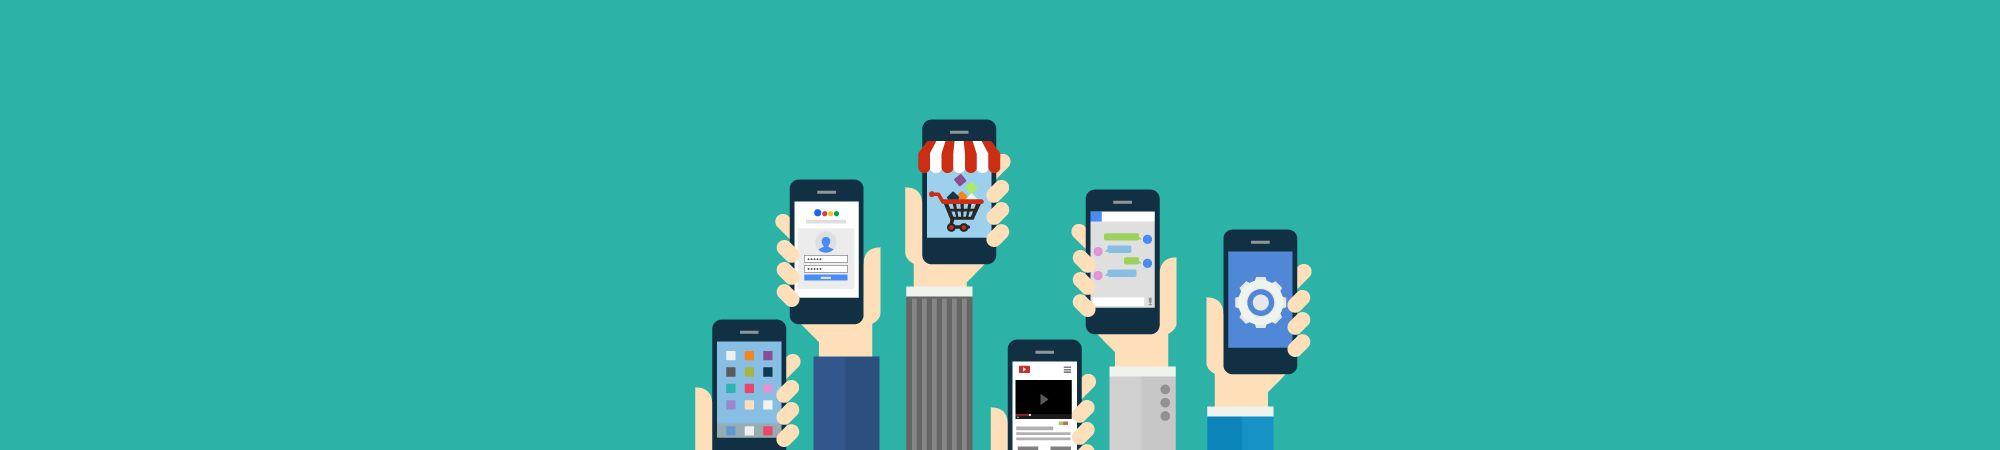 hispamax empresa q ofrece servicios de diseño web, aplicaciones moviles, marketing online, diseño grafico, tiendas virtuales, seguridad informatica